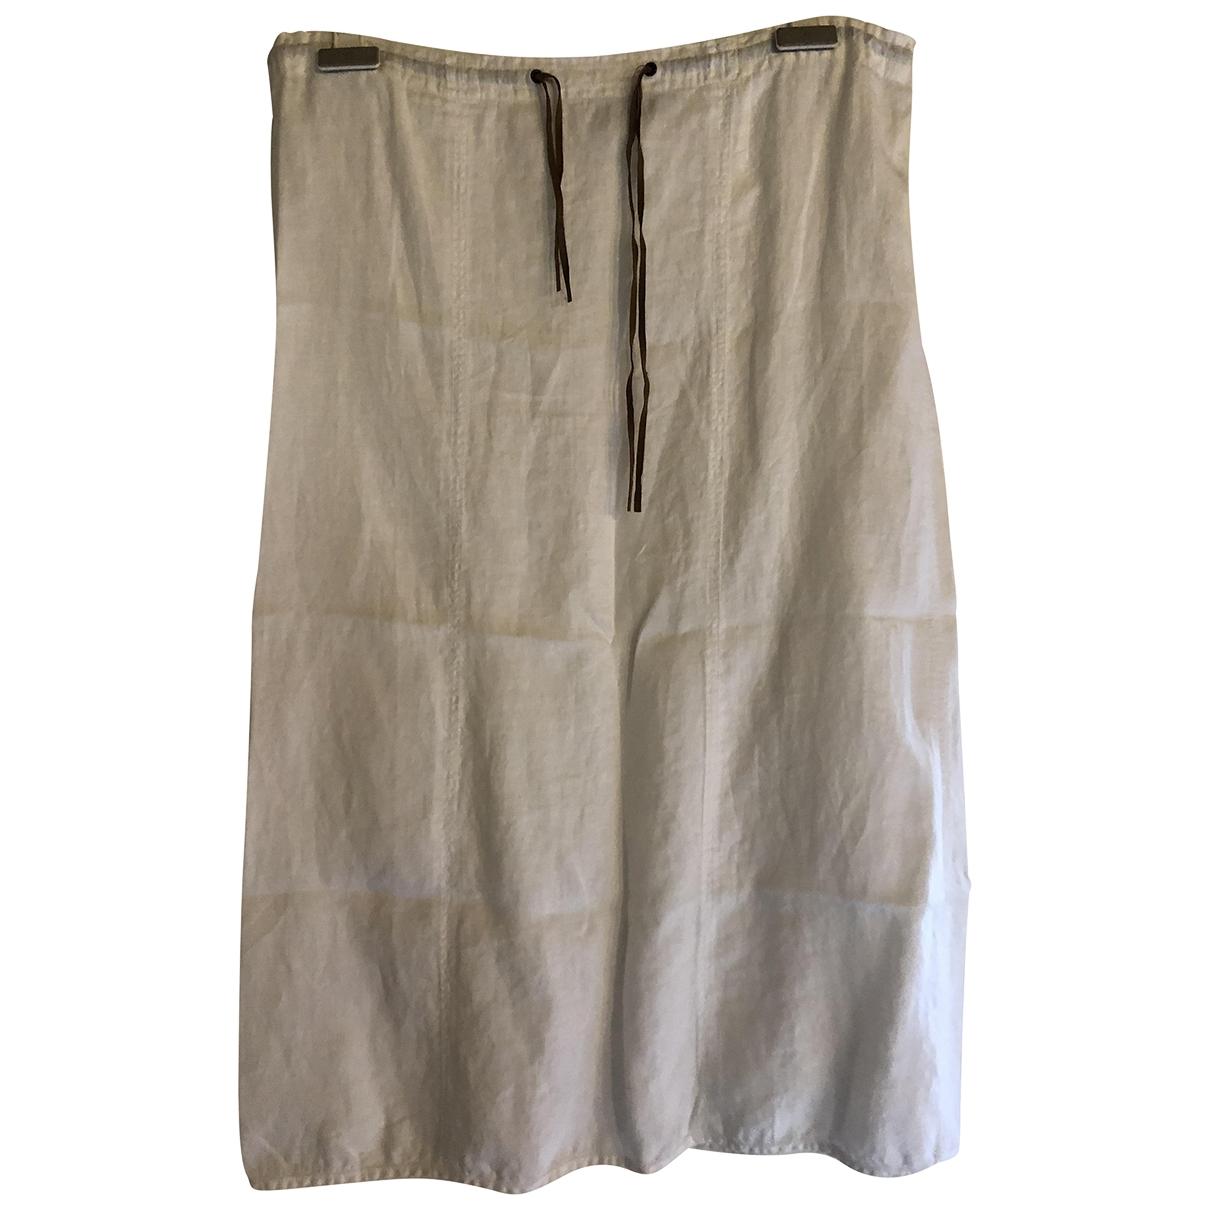 Emporio Armani \N White Linen skirt for Women S International